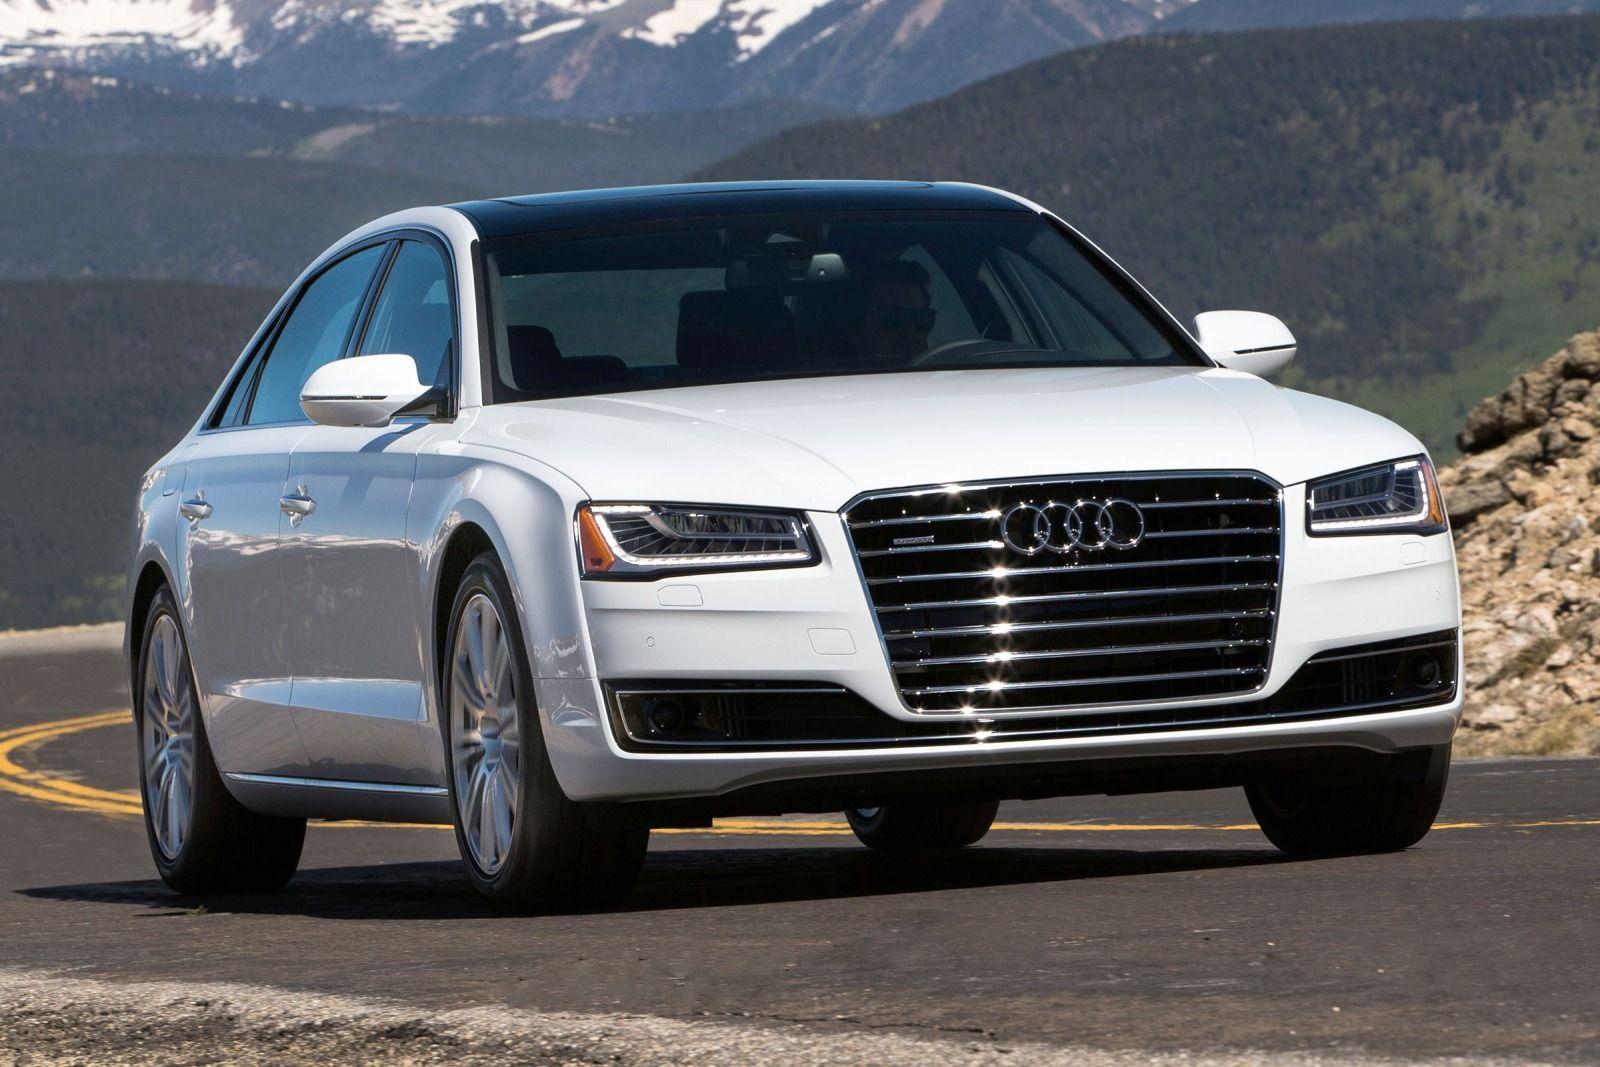 Audi r8 2018 price 10